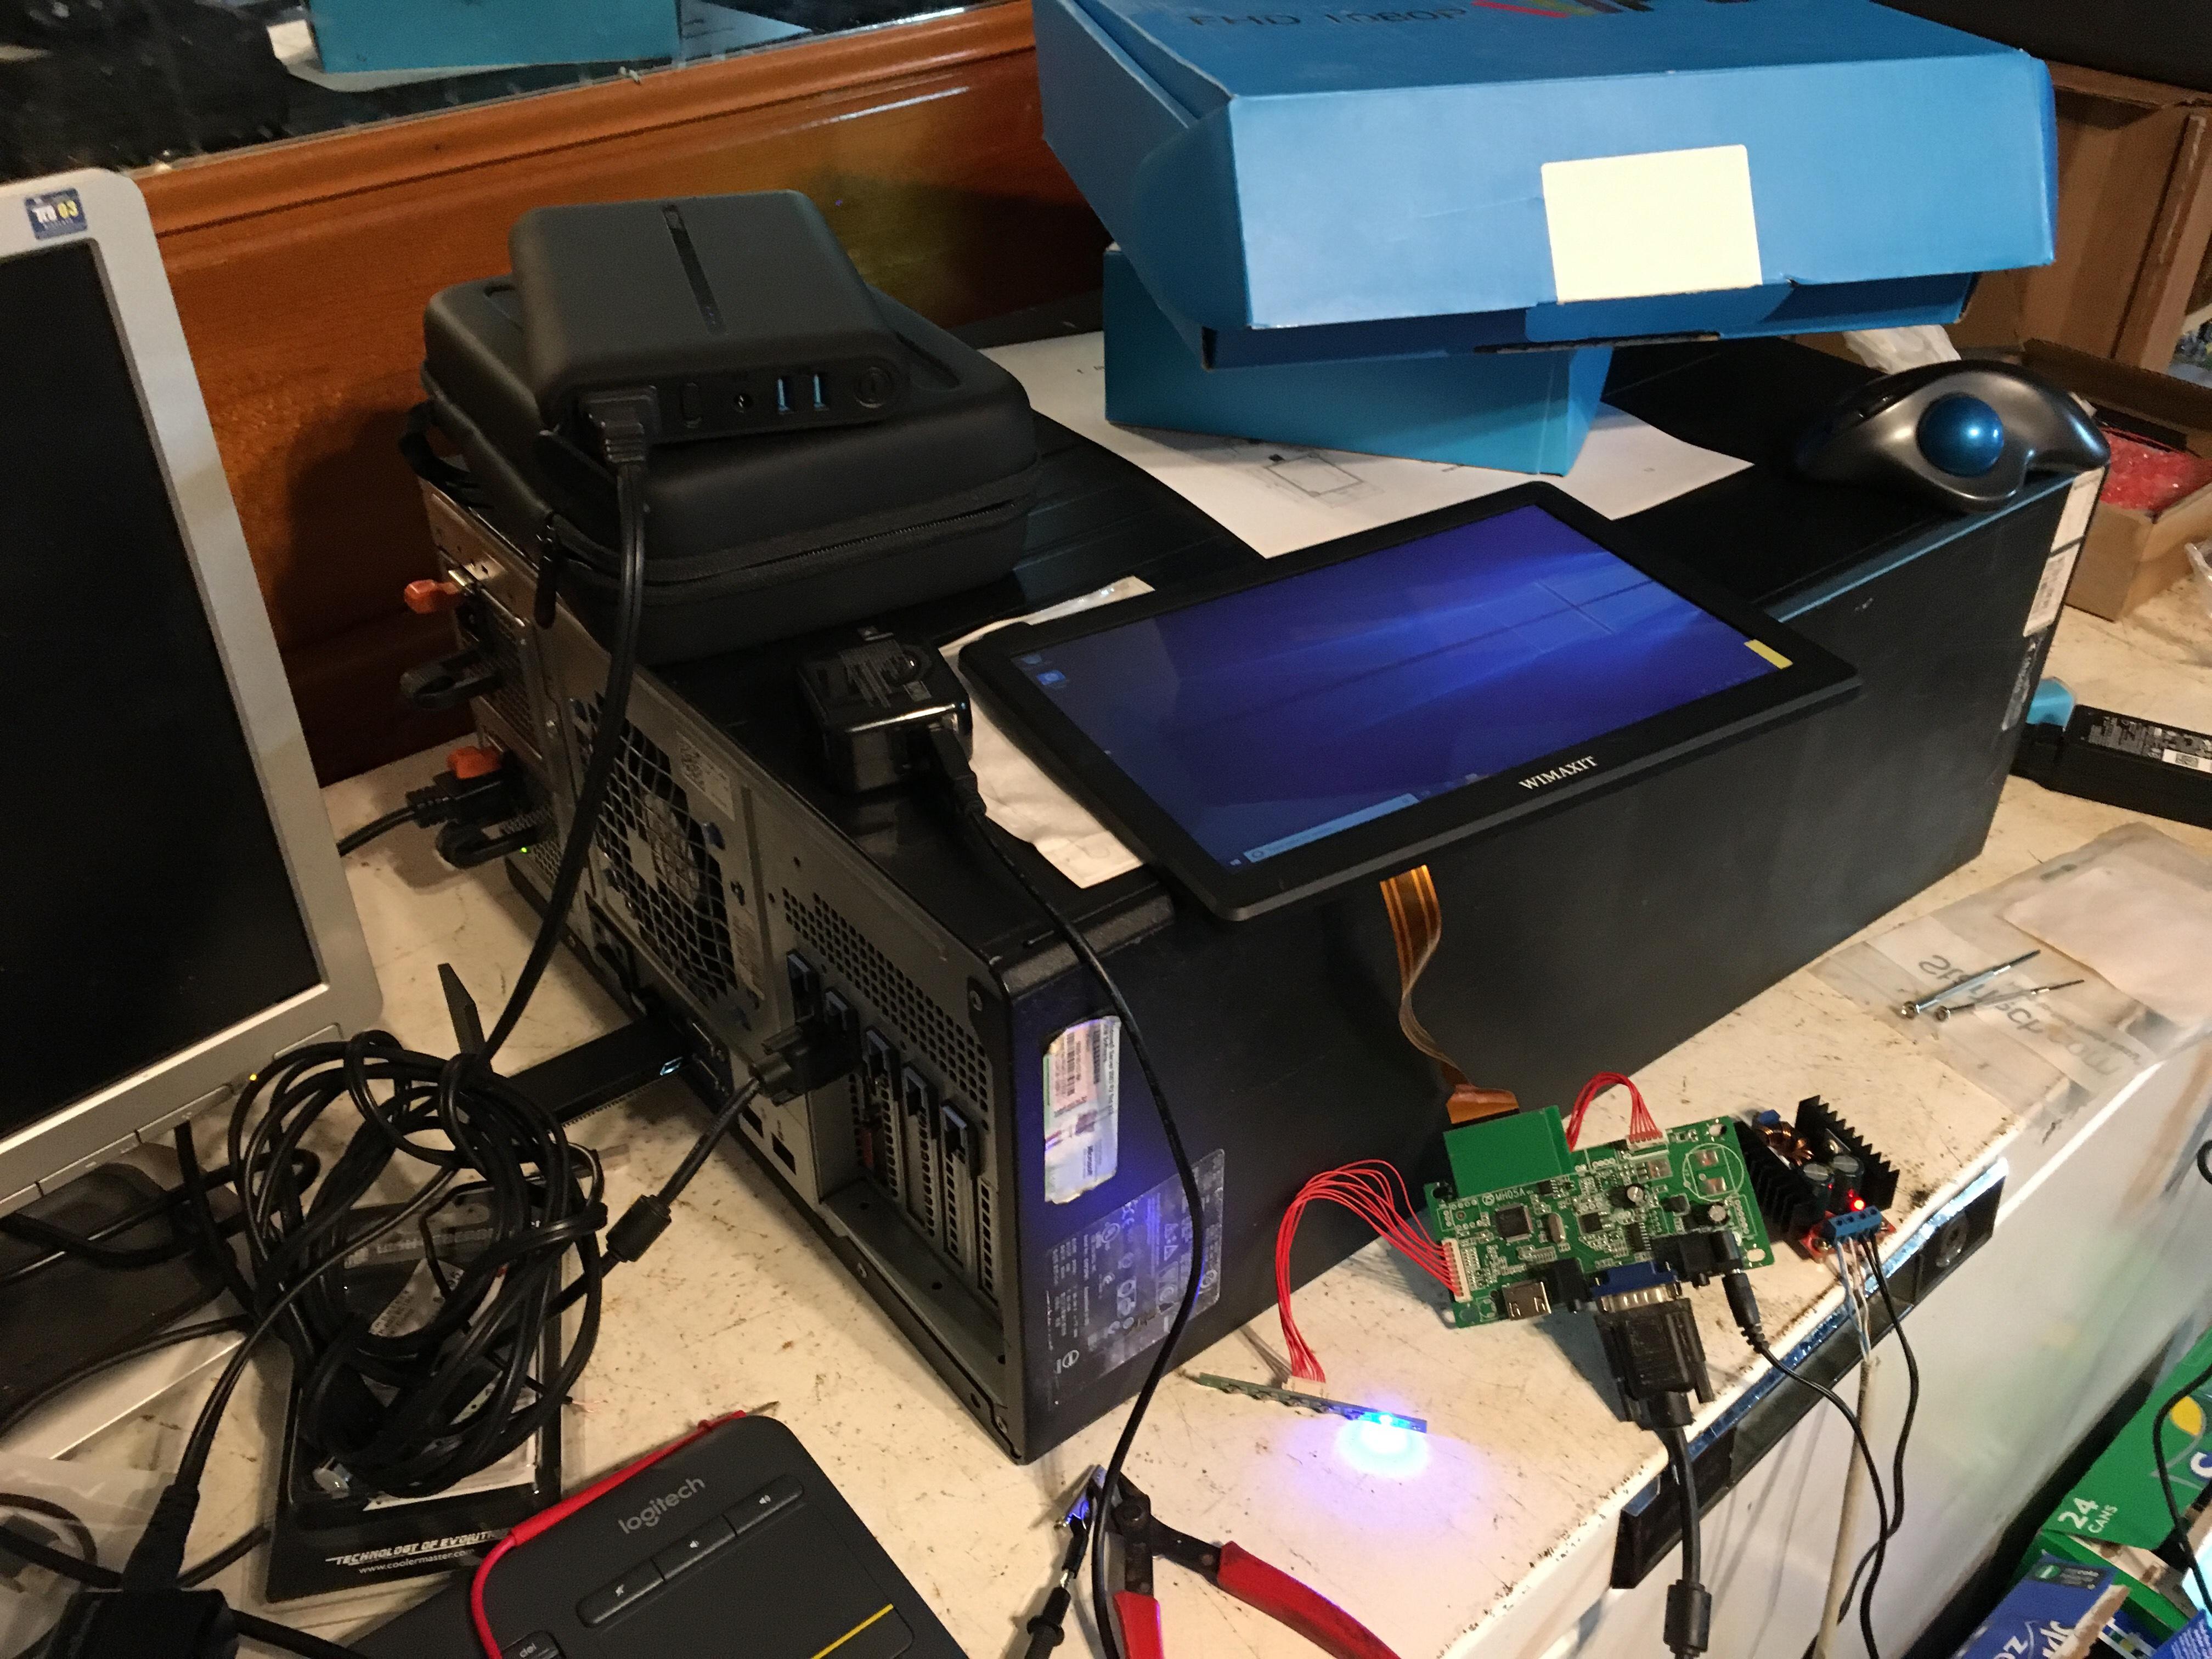 Tech mess